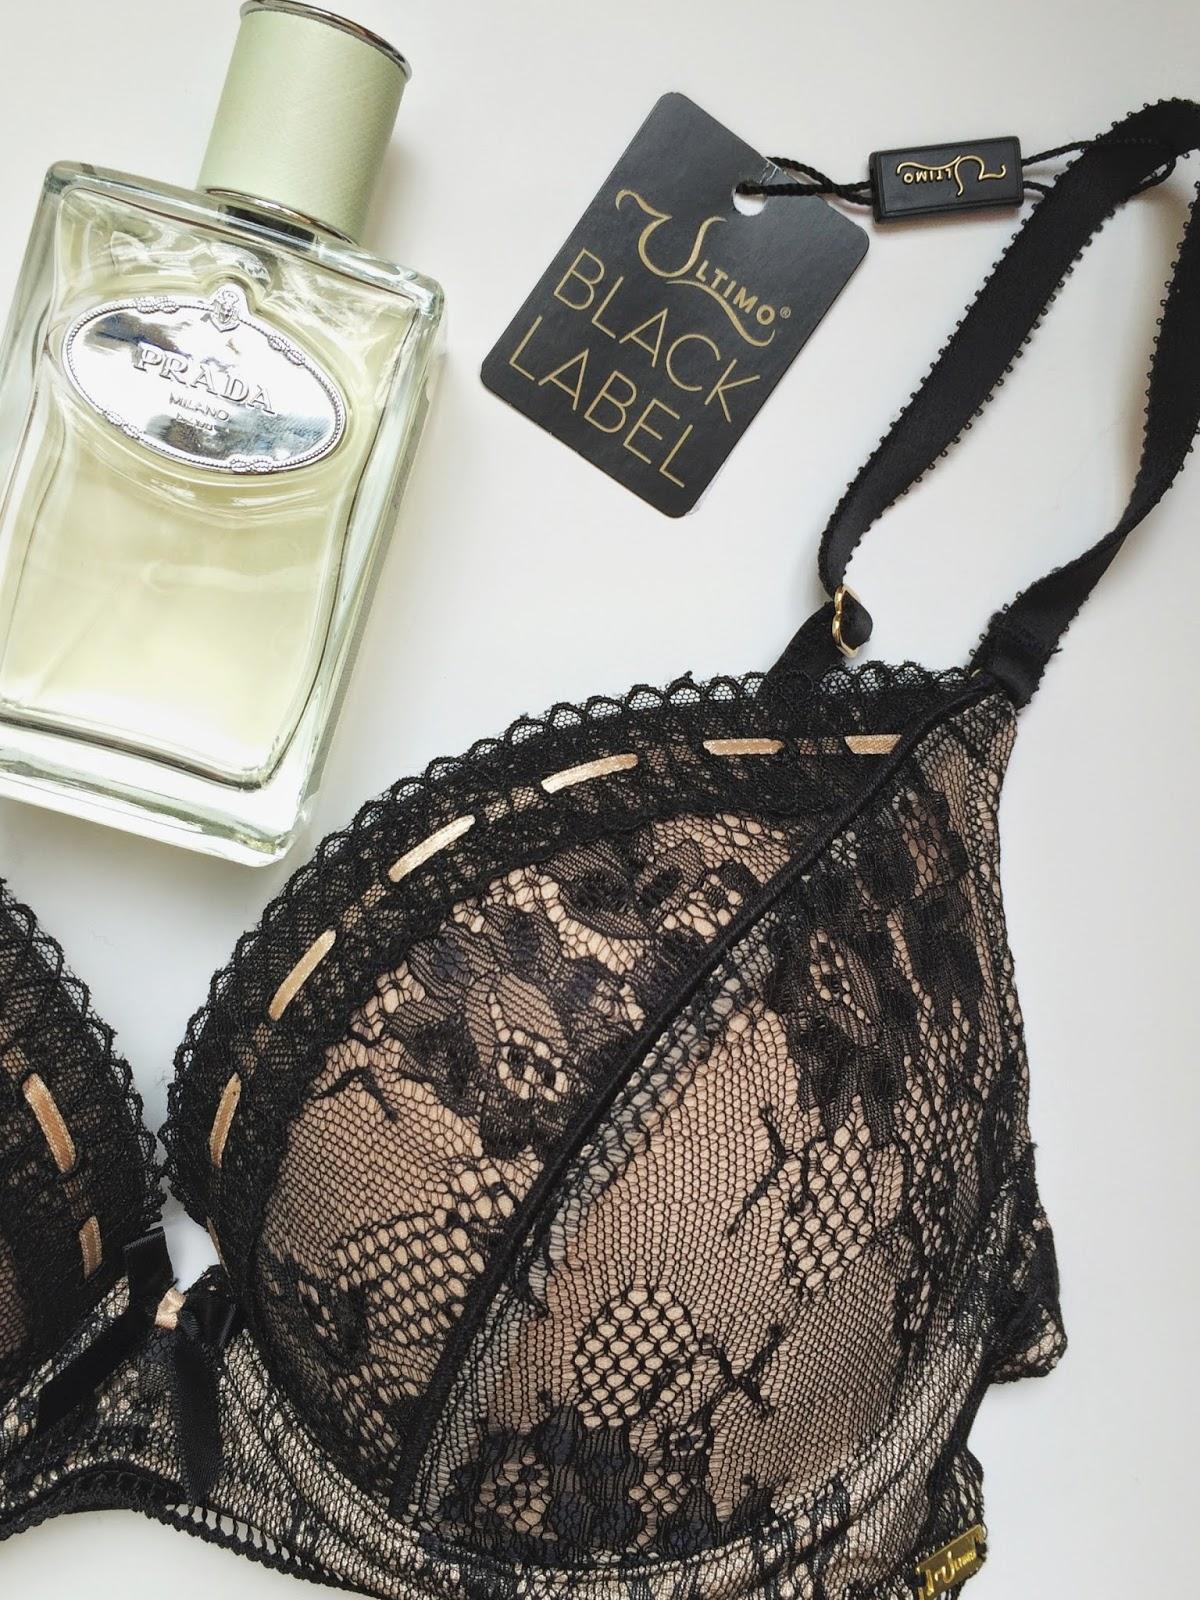 ultimo bra, ultimo underwear, prada perfume